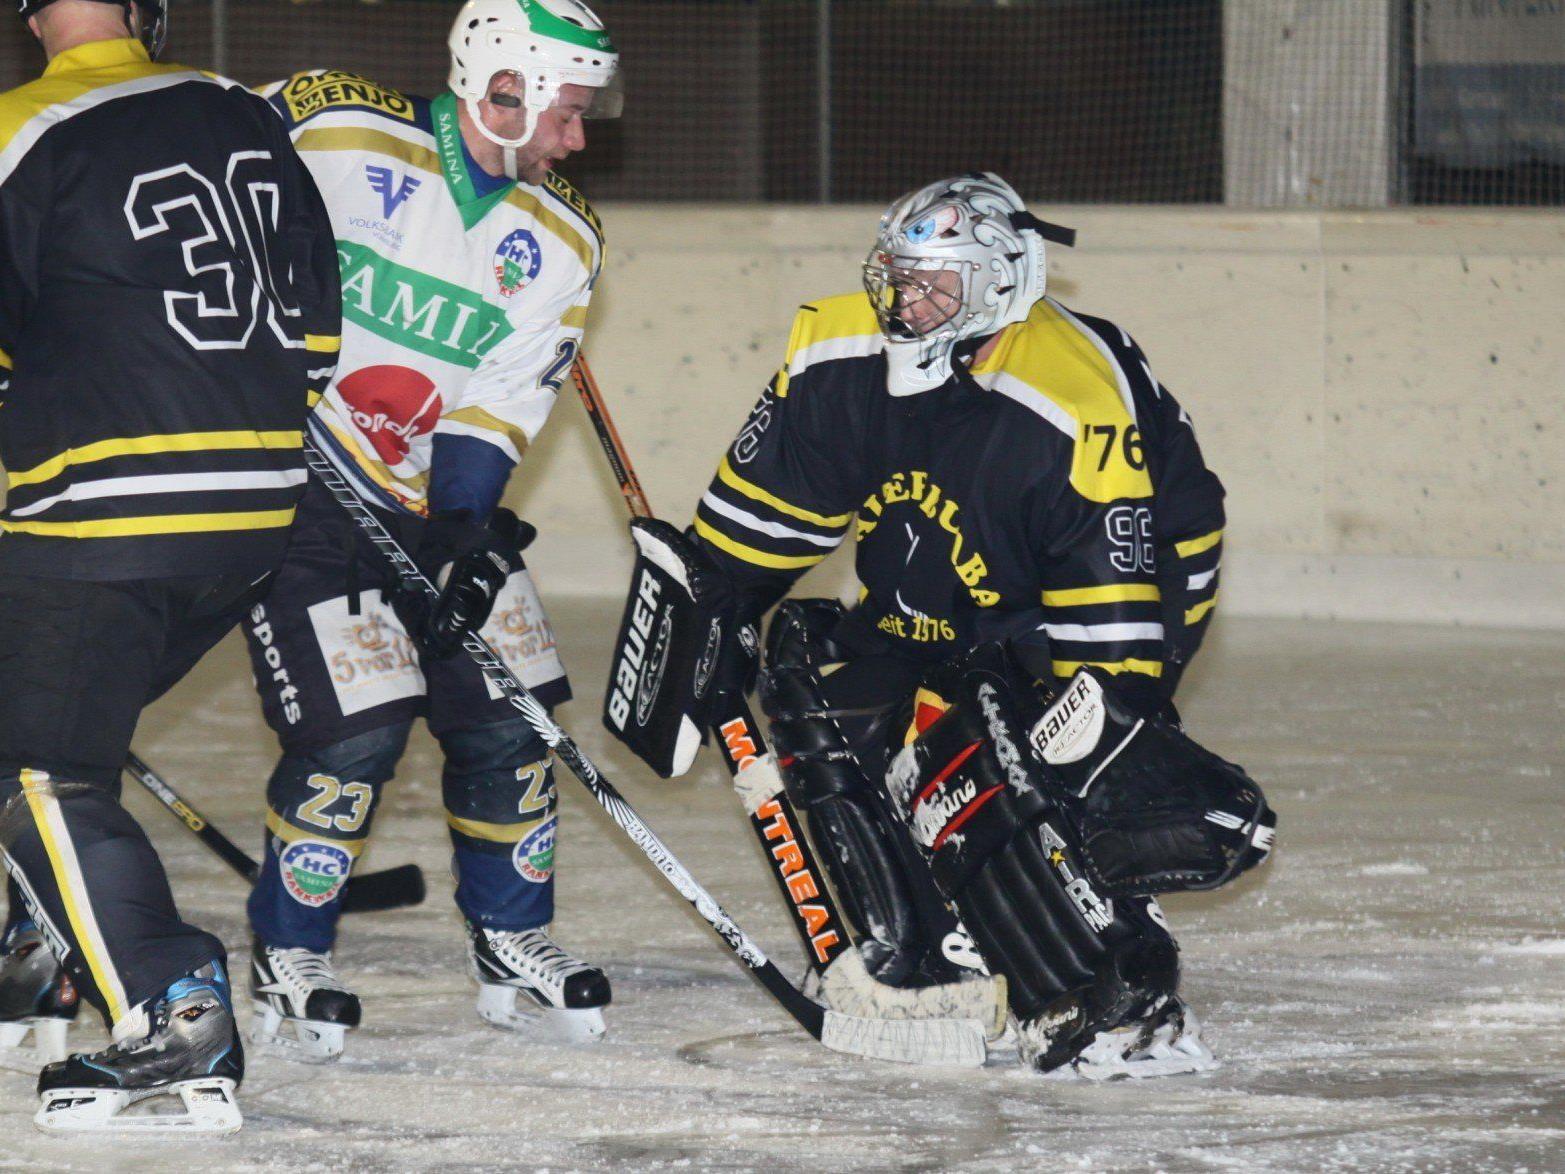 Walter Buaba kämpft gegen die Ice Tigers Dornbirn um den Meistertitel in der VEHL 2.